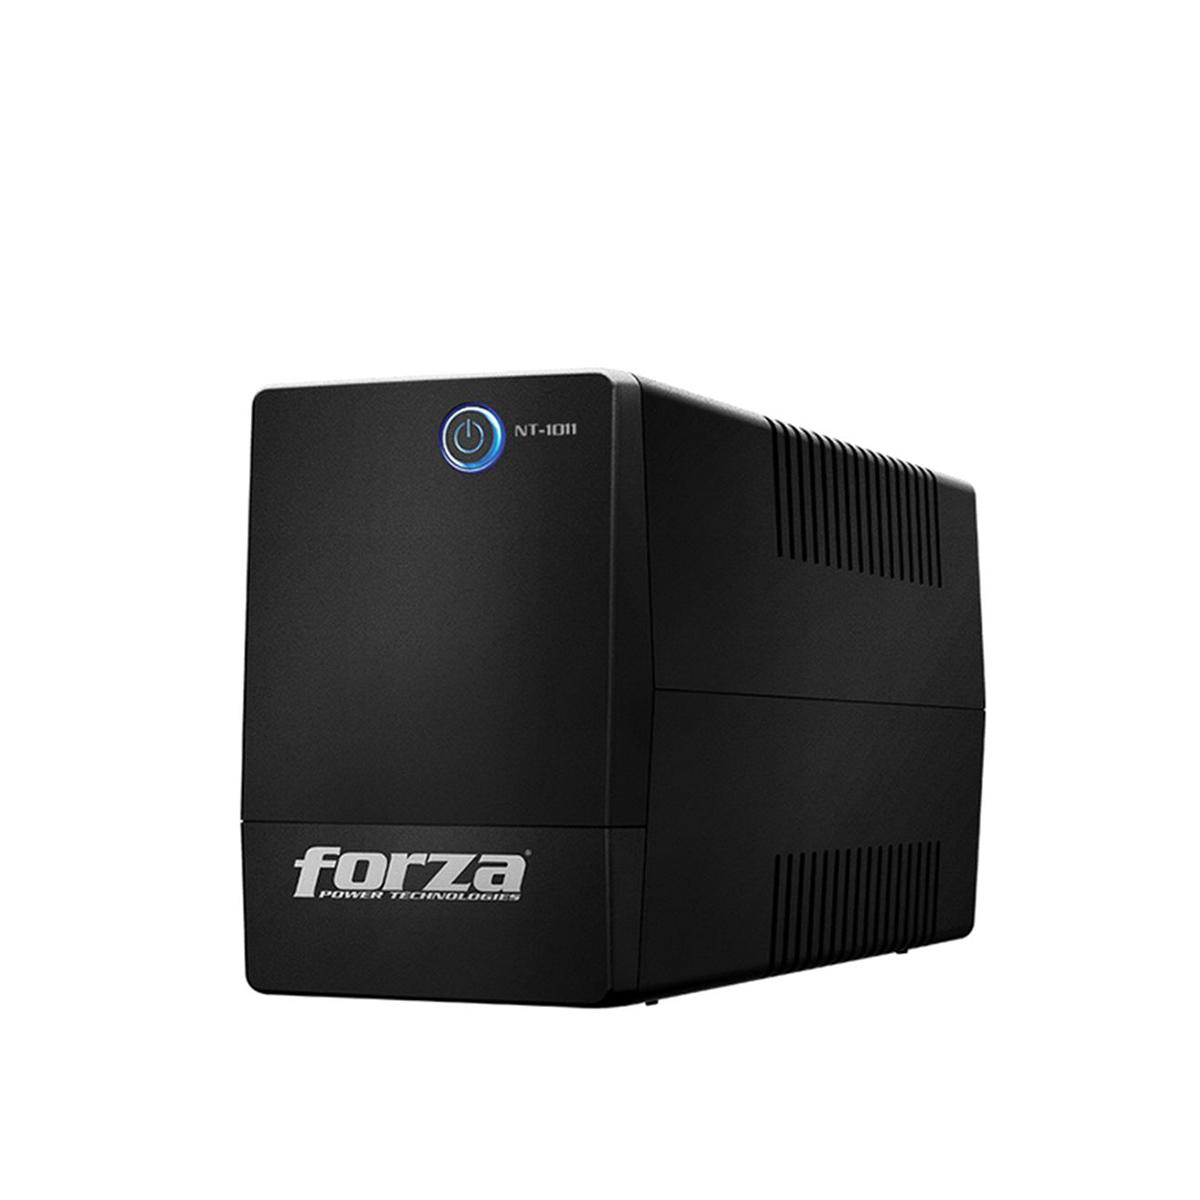 UPS FORZA NT-1011 1000VA / 500W